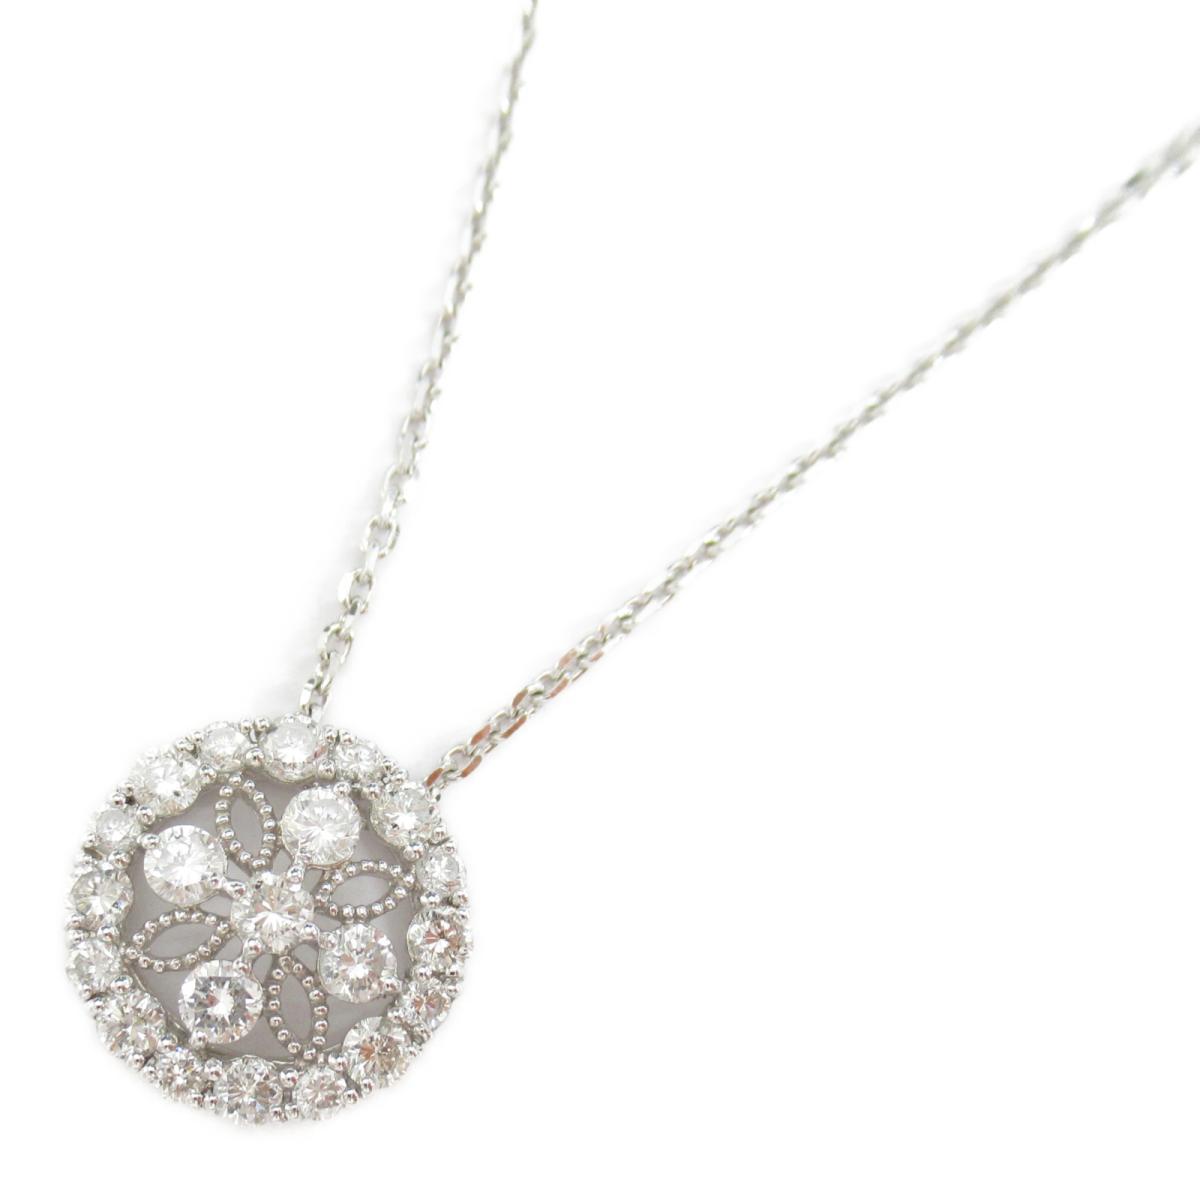 【中古】ジュエリー ダイヤモンド ネックレス ノーブランドジュエリー レディース PT900 プラチナ x ダイヤモンド1.00ct x K18WG(ホワイトゴールド)